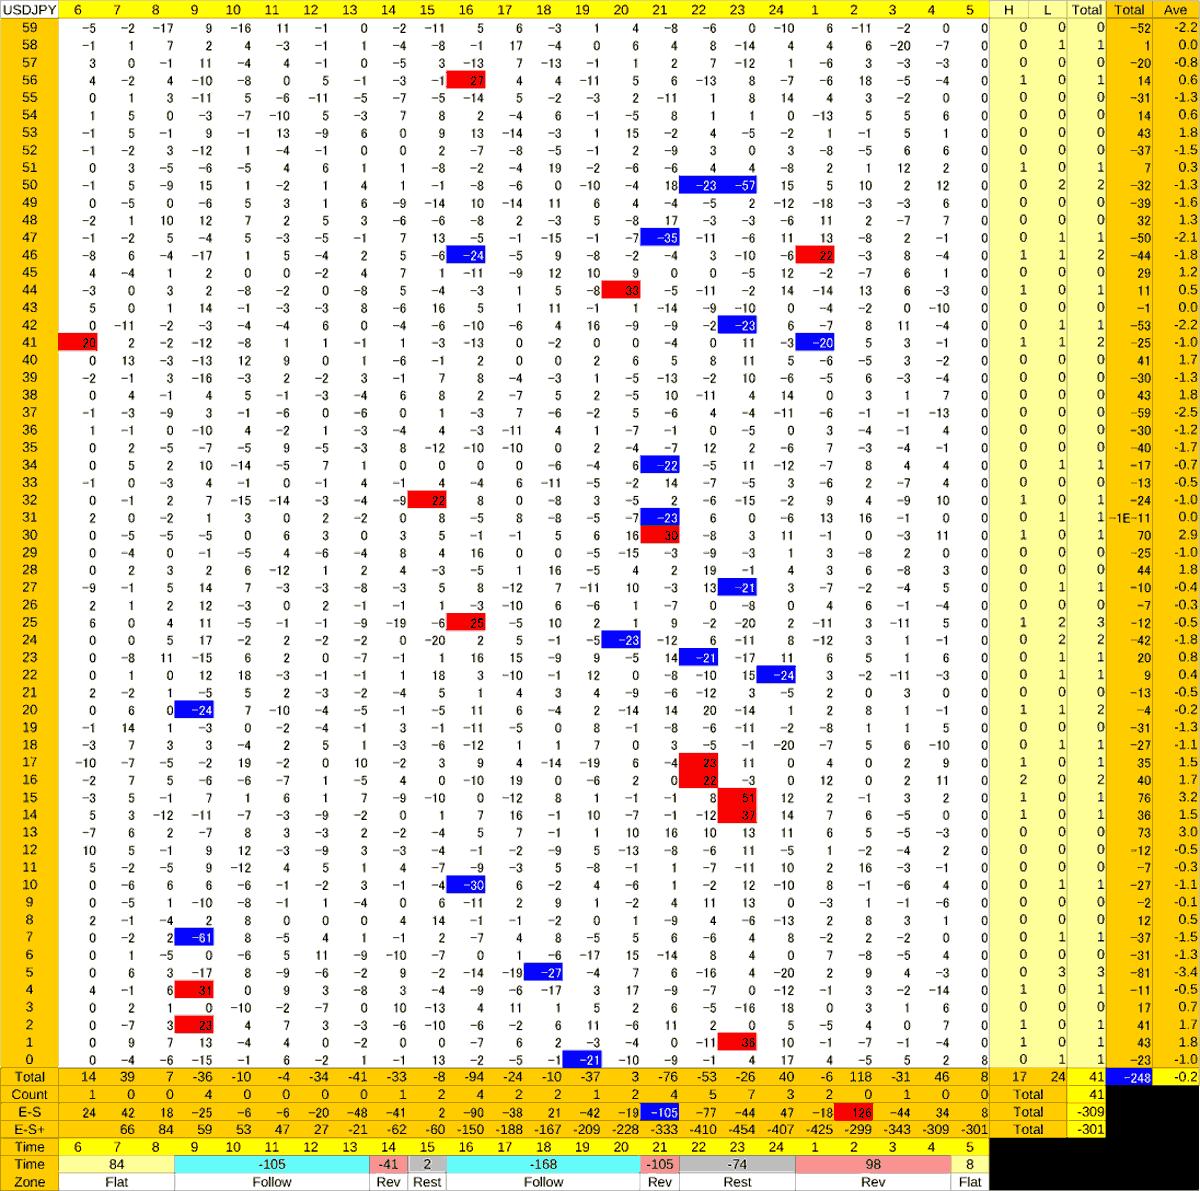 20200814_HS(1)USDJPY